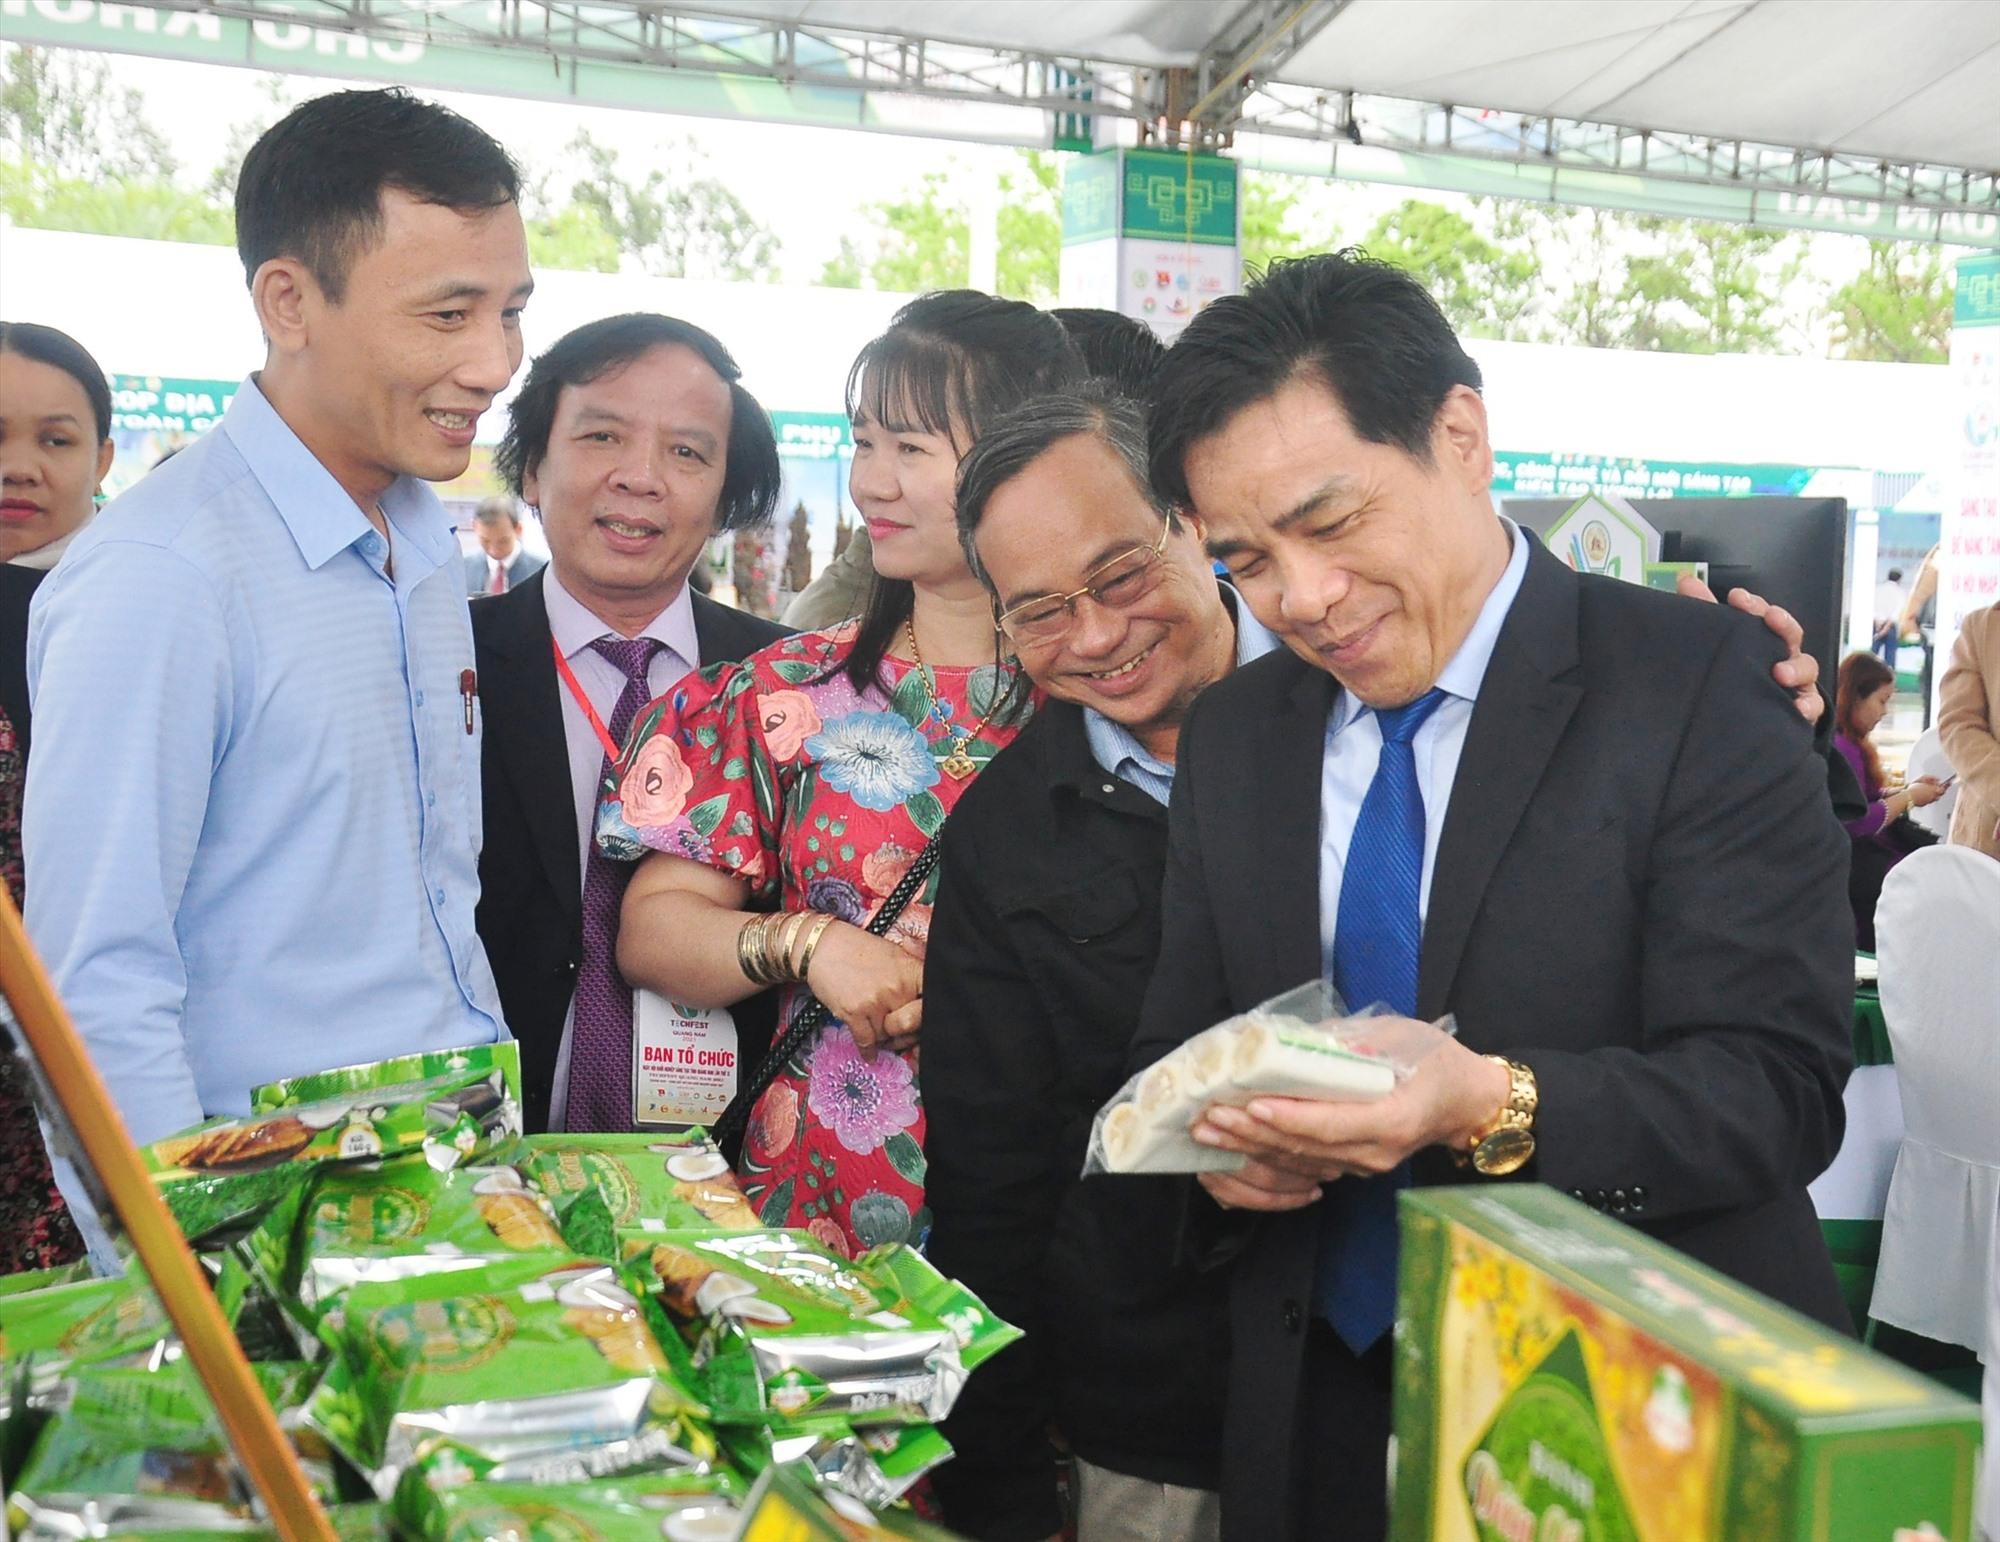 Lãnh đạo tỉnh tham quan các gian hàng trưng bày sản phẩm OCOP tại sự kiện TechFest Quảng Nam 2021. Ảnh: VINH ANH